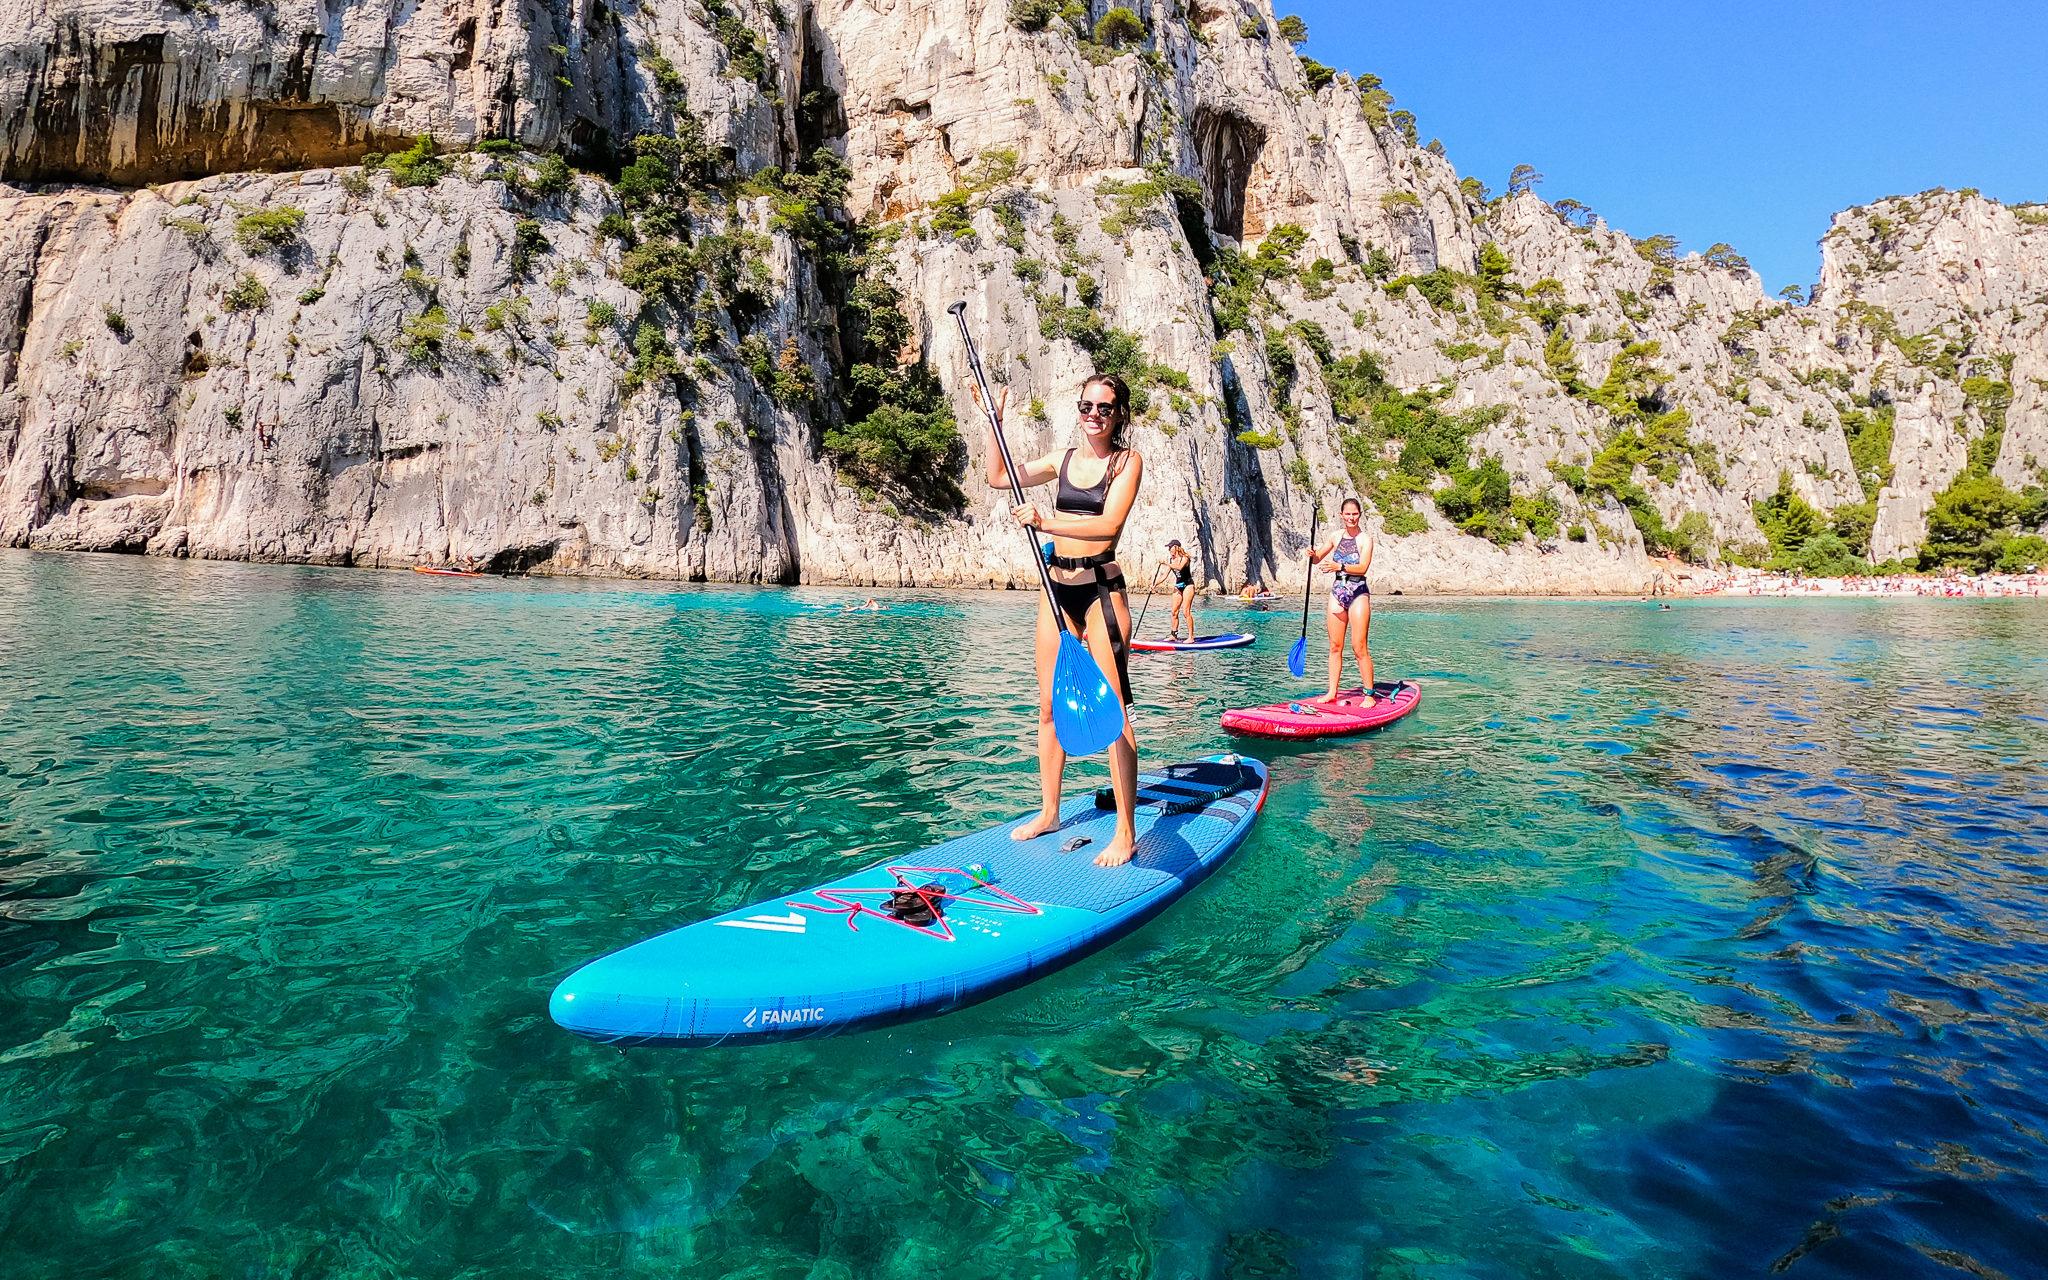 Le stand up paddle interdit dans le Parc National de Calanques